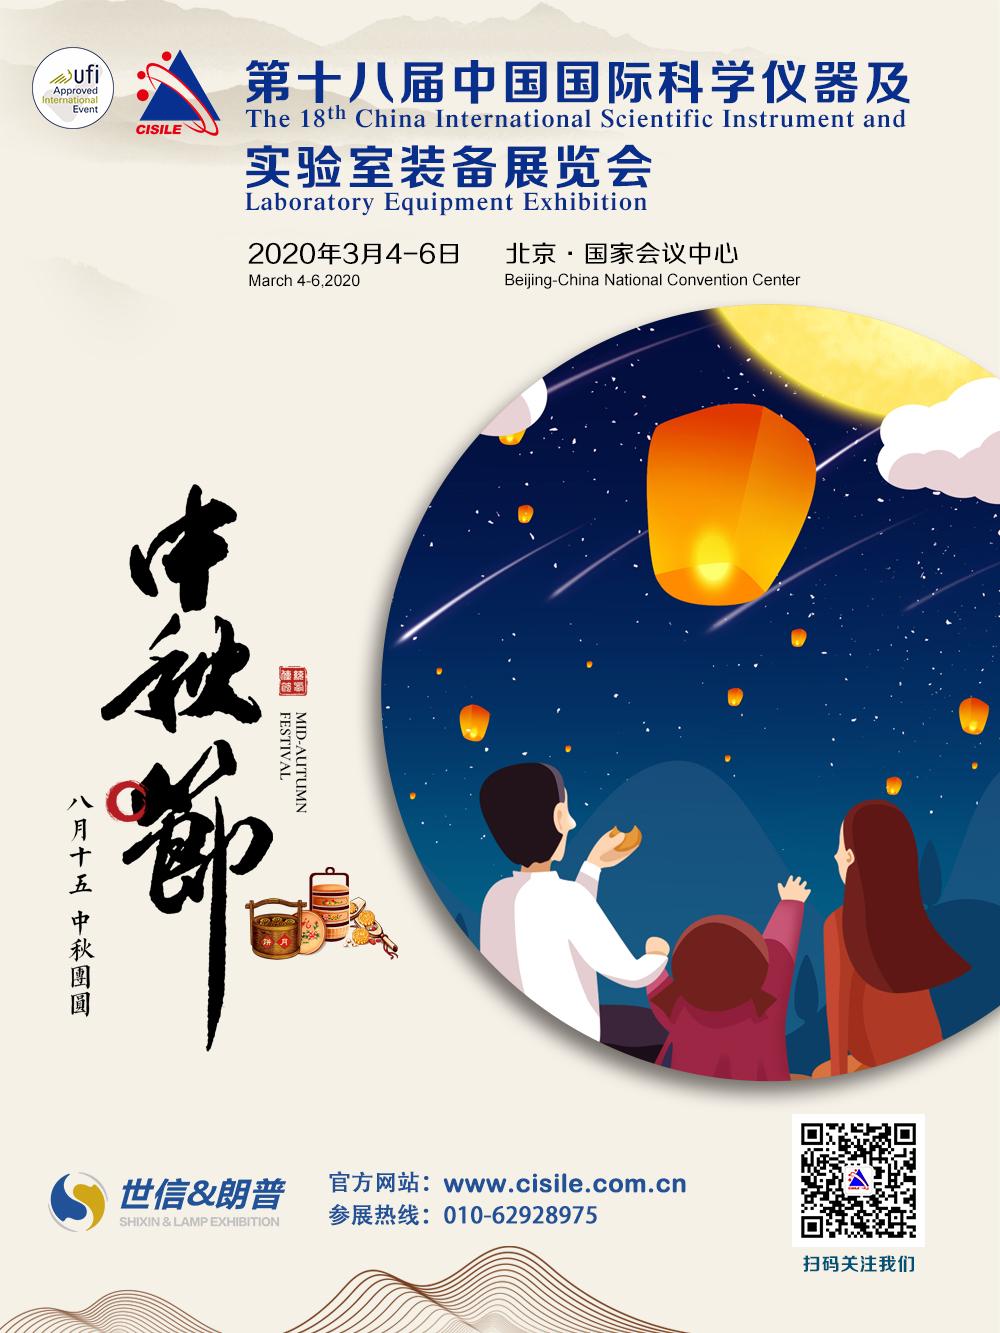 中国国际科仪展.jpg